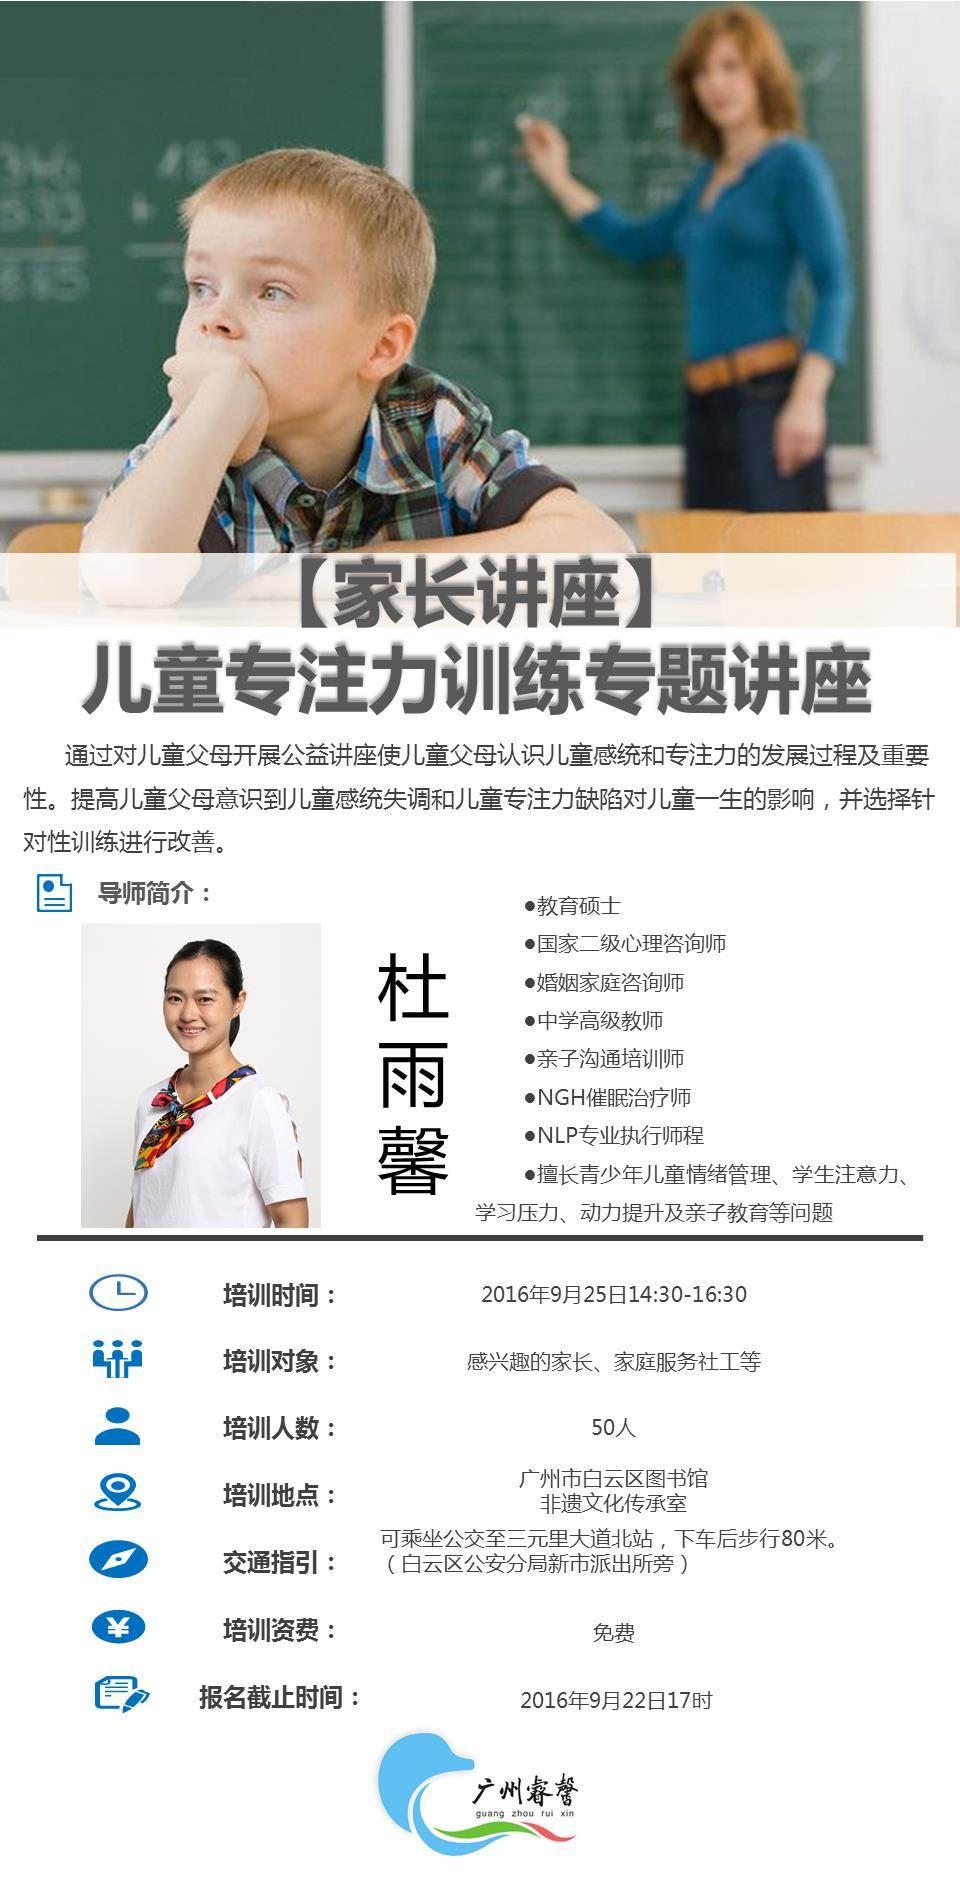 新-【家长讲座】儿童专注力训练专题讲座网络宣传单 - 副本.png